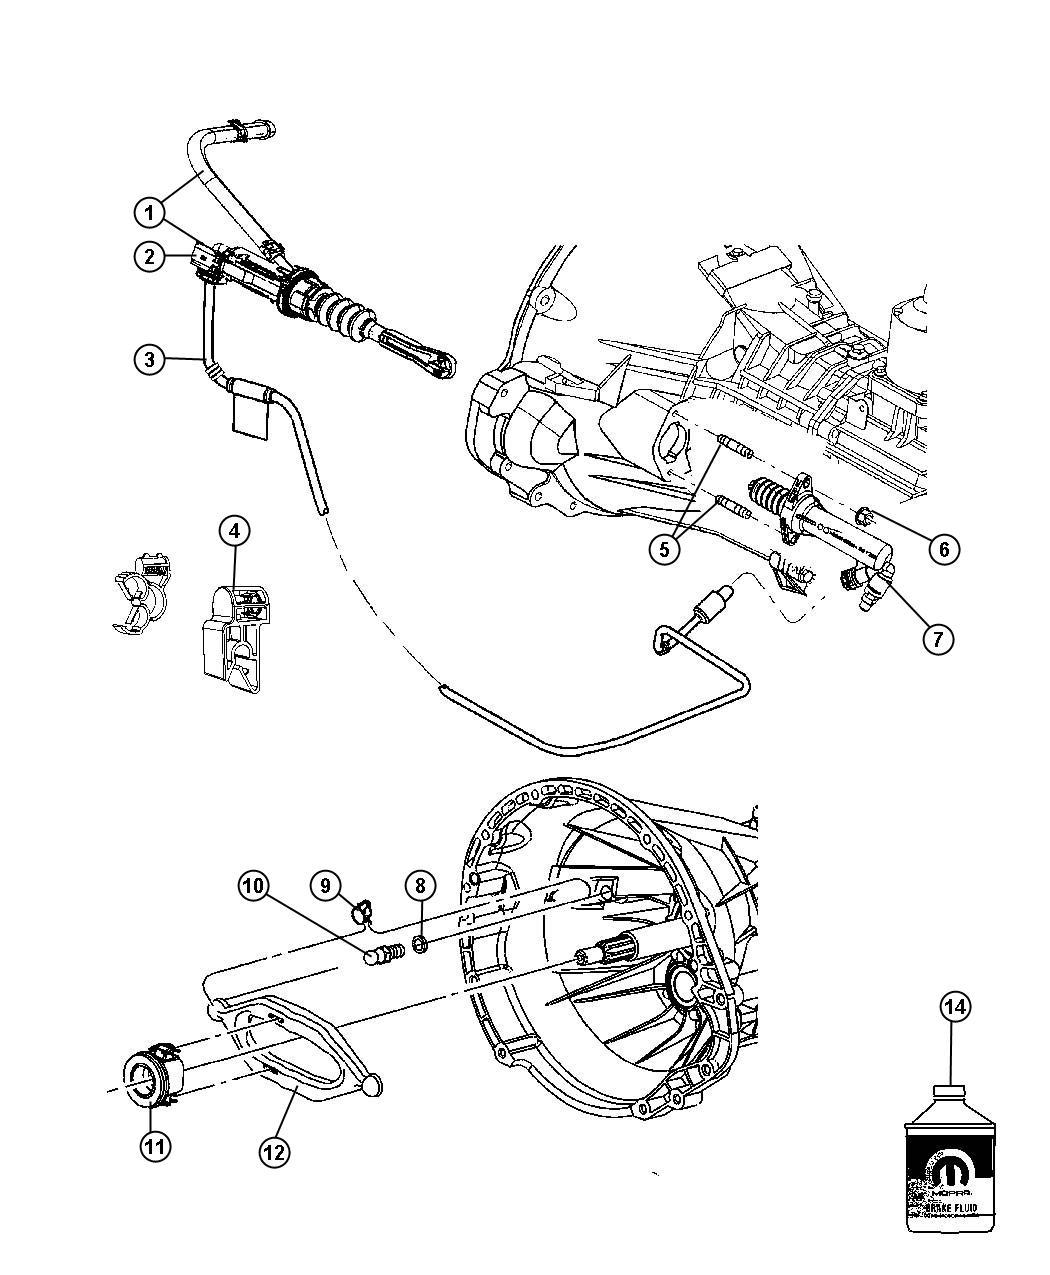 2010 Jeep Wrangler Tube. Clutch hydraulic, hydraulic